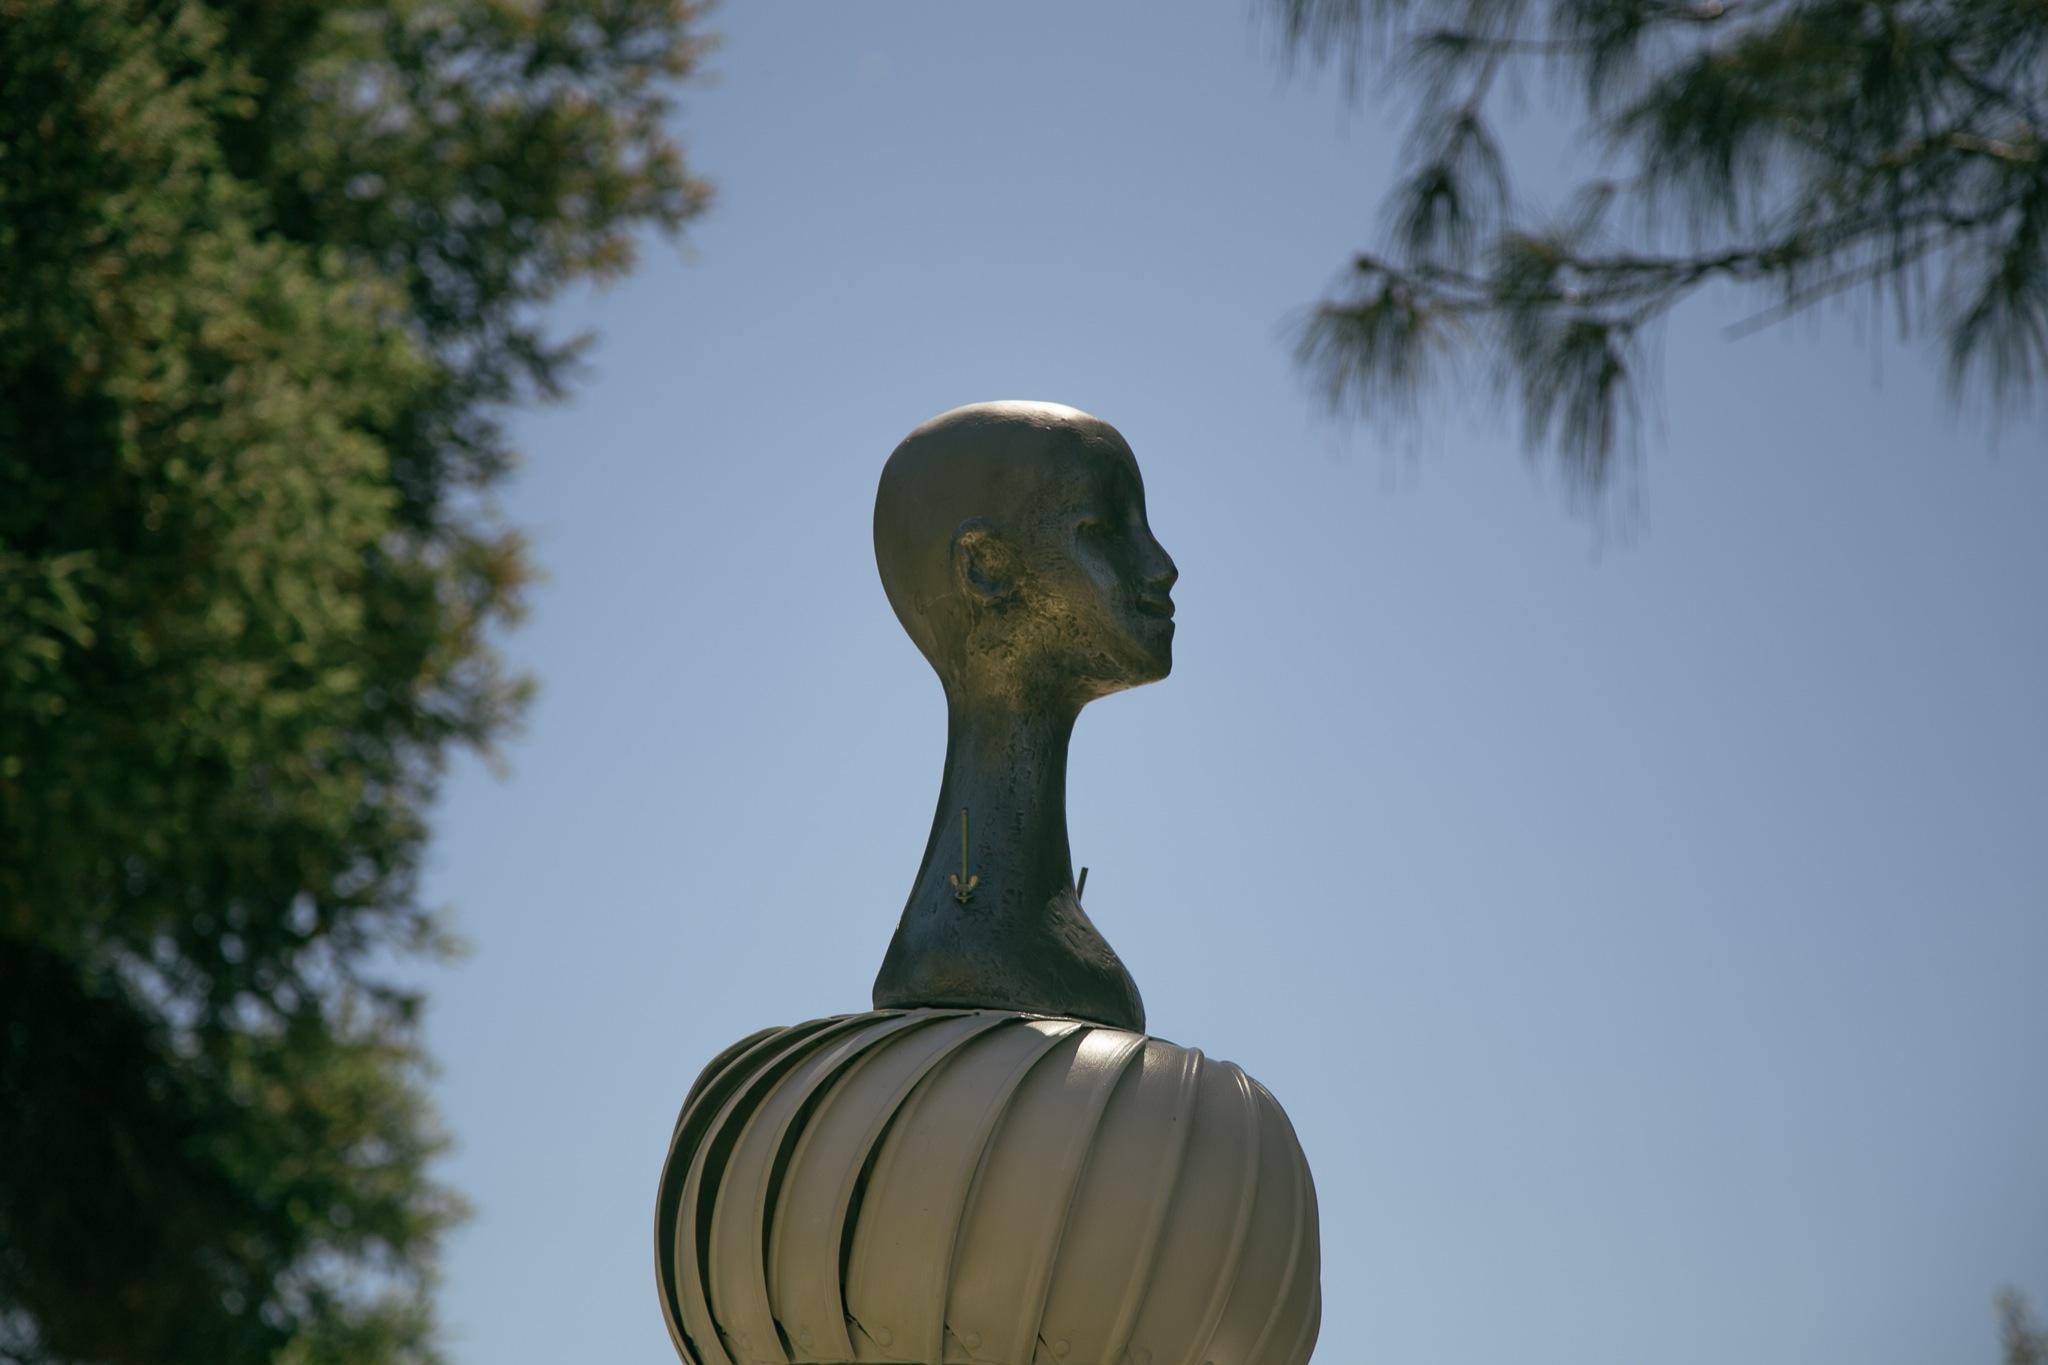 sculpturebythesea-48.jpg